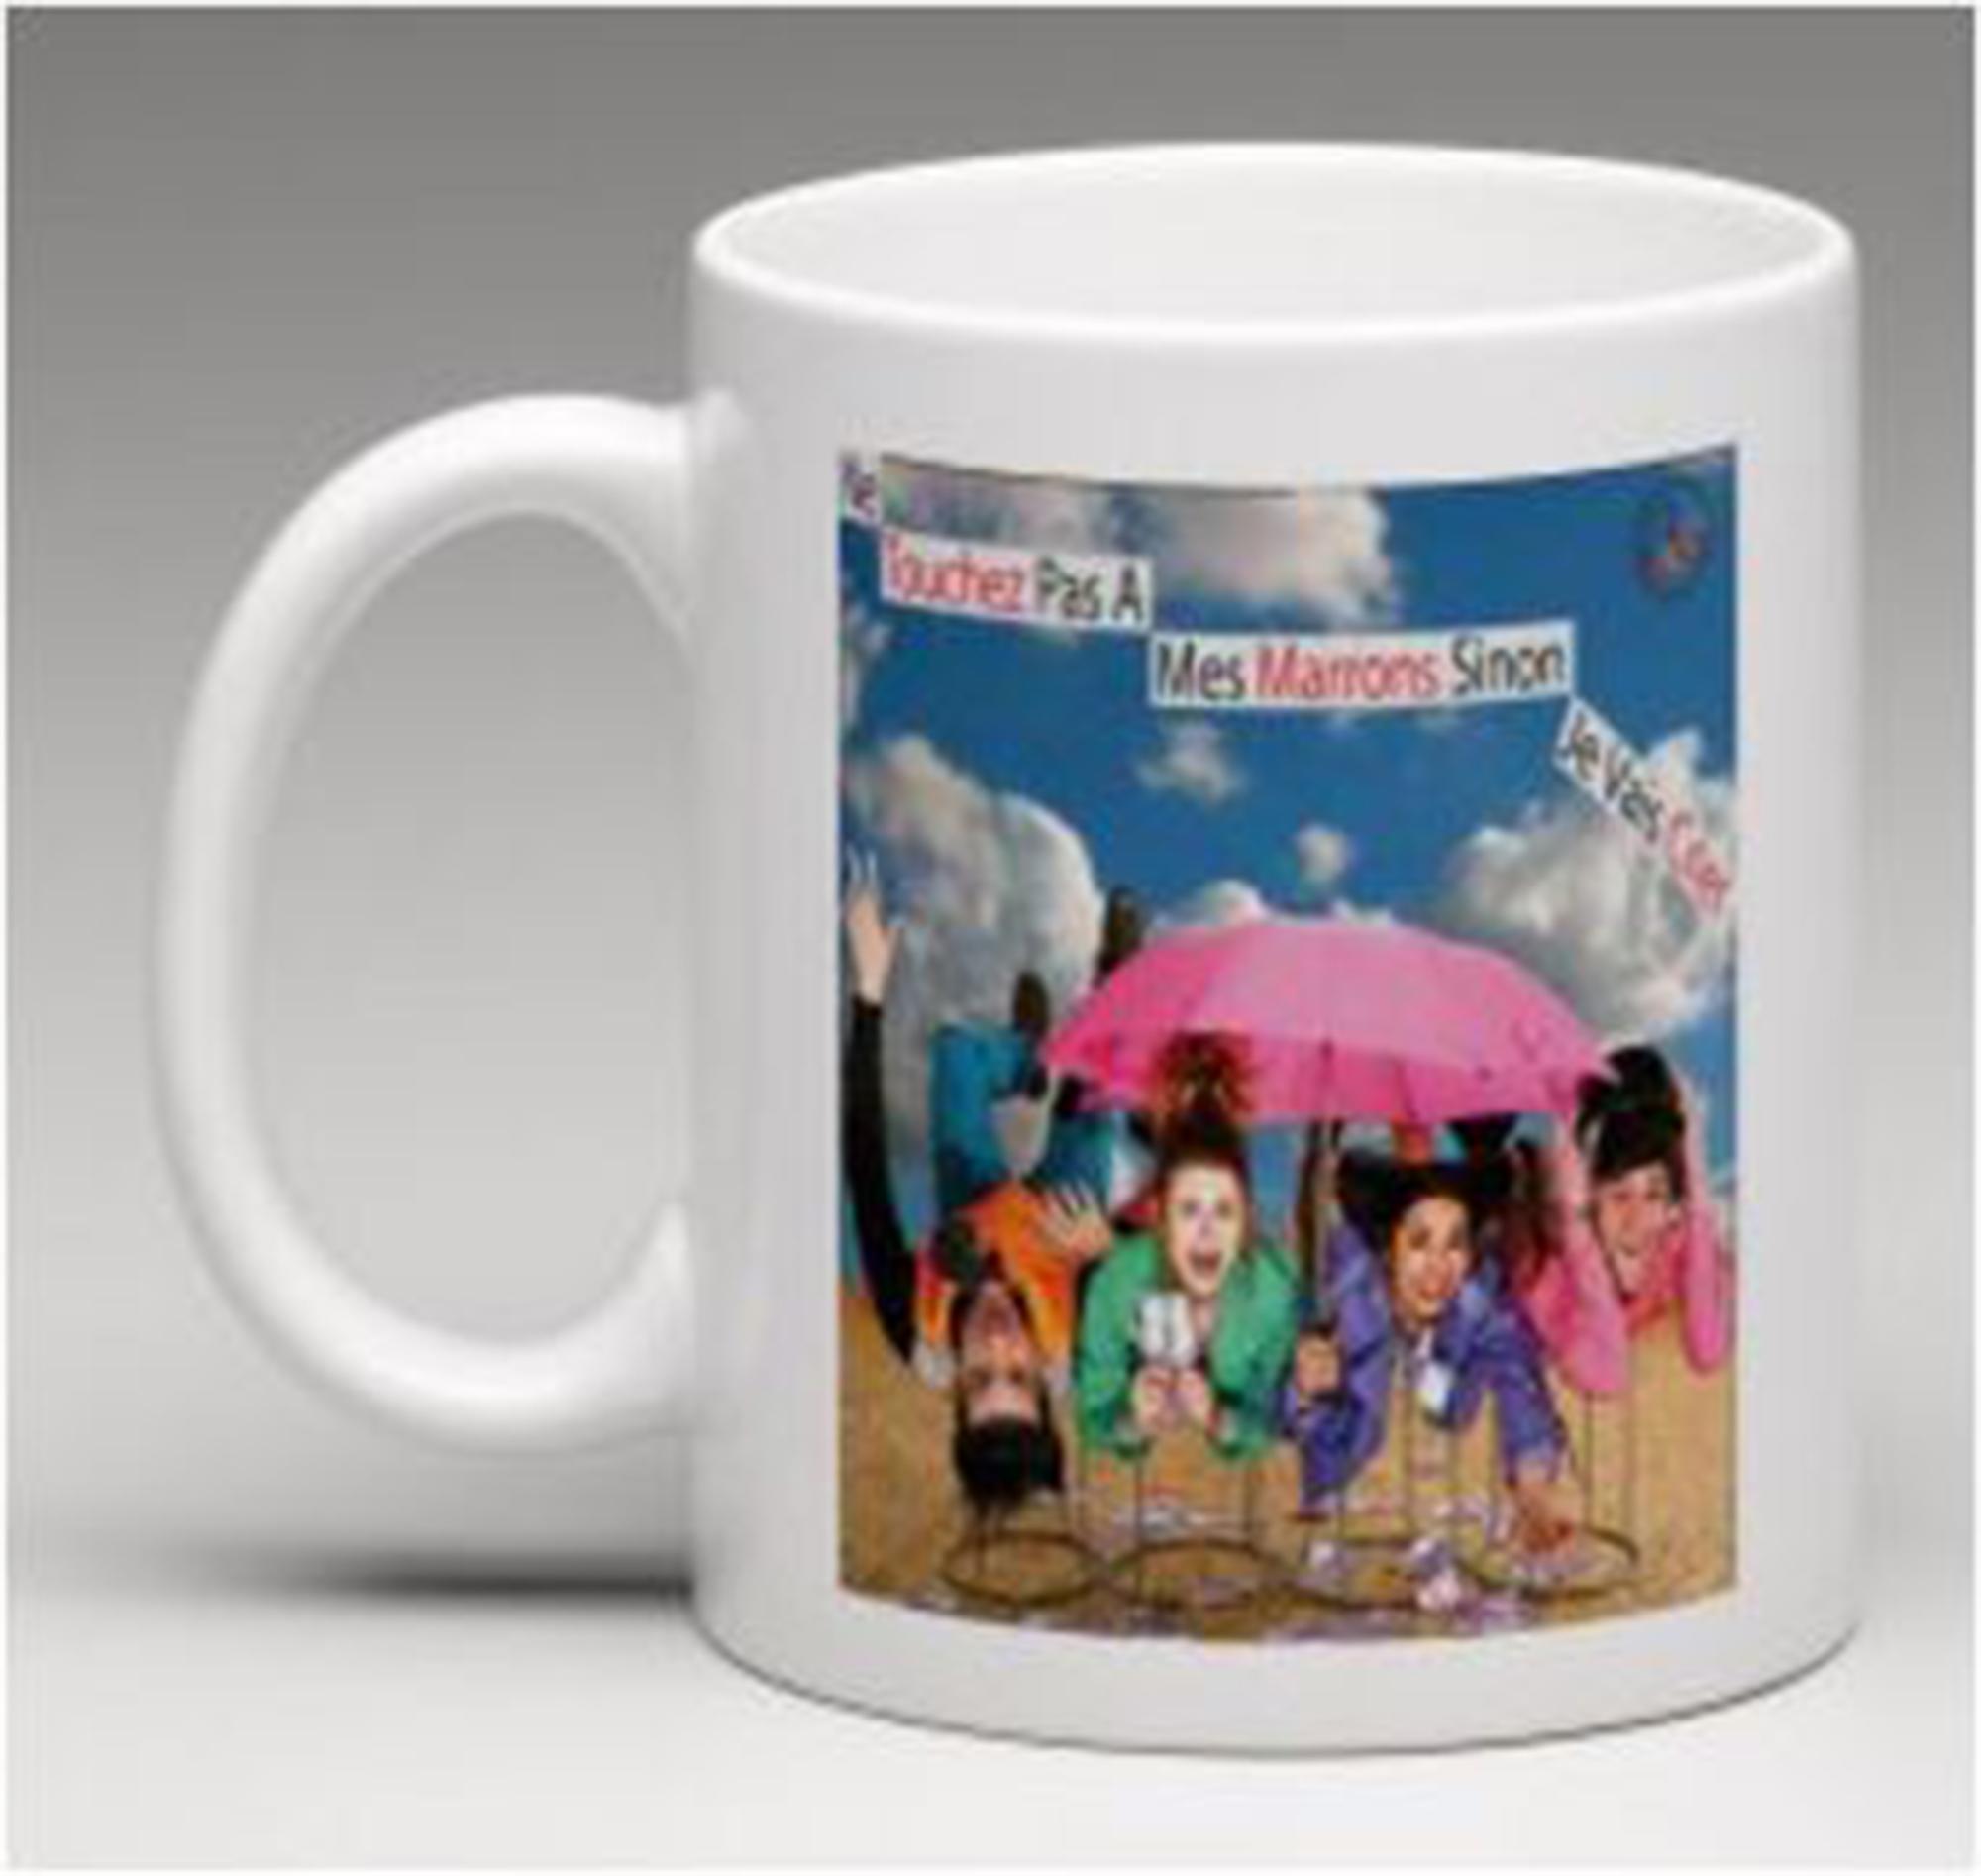 Mug-1463364550.JPG